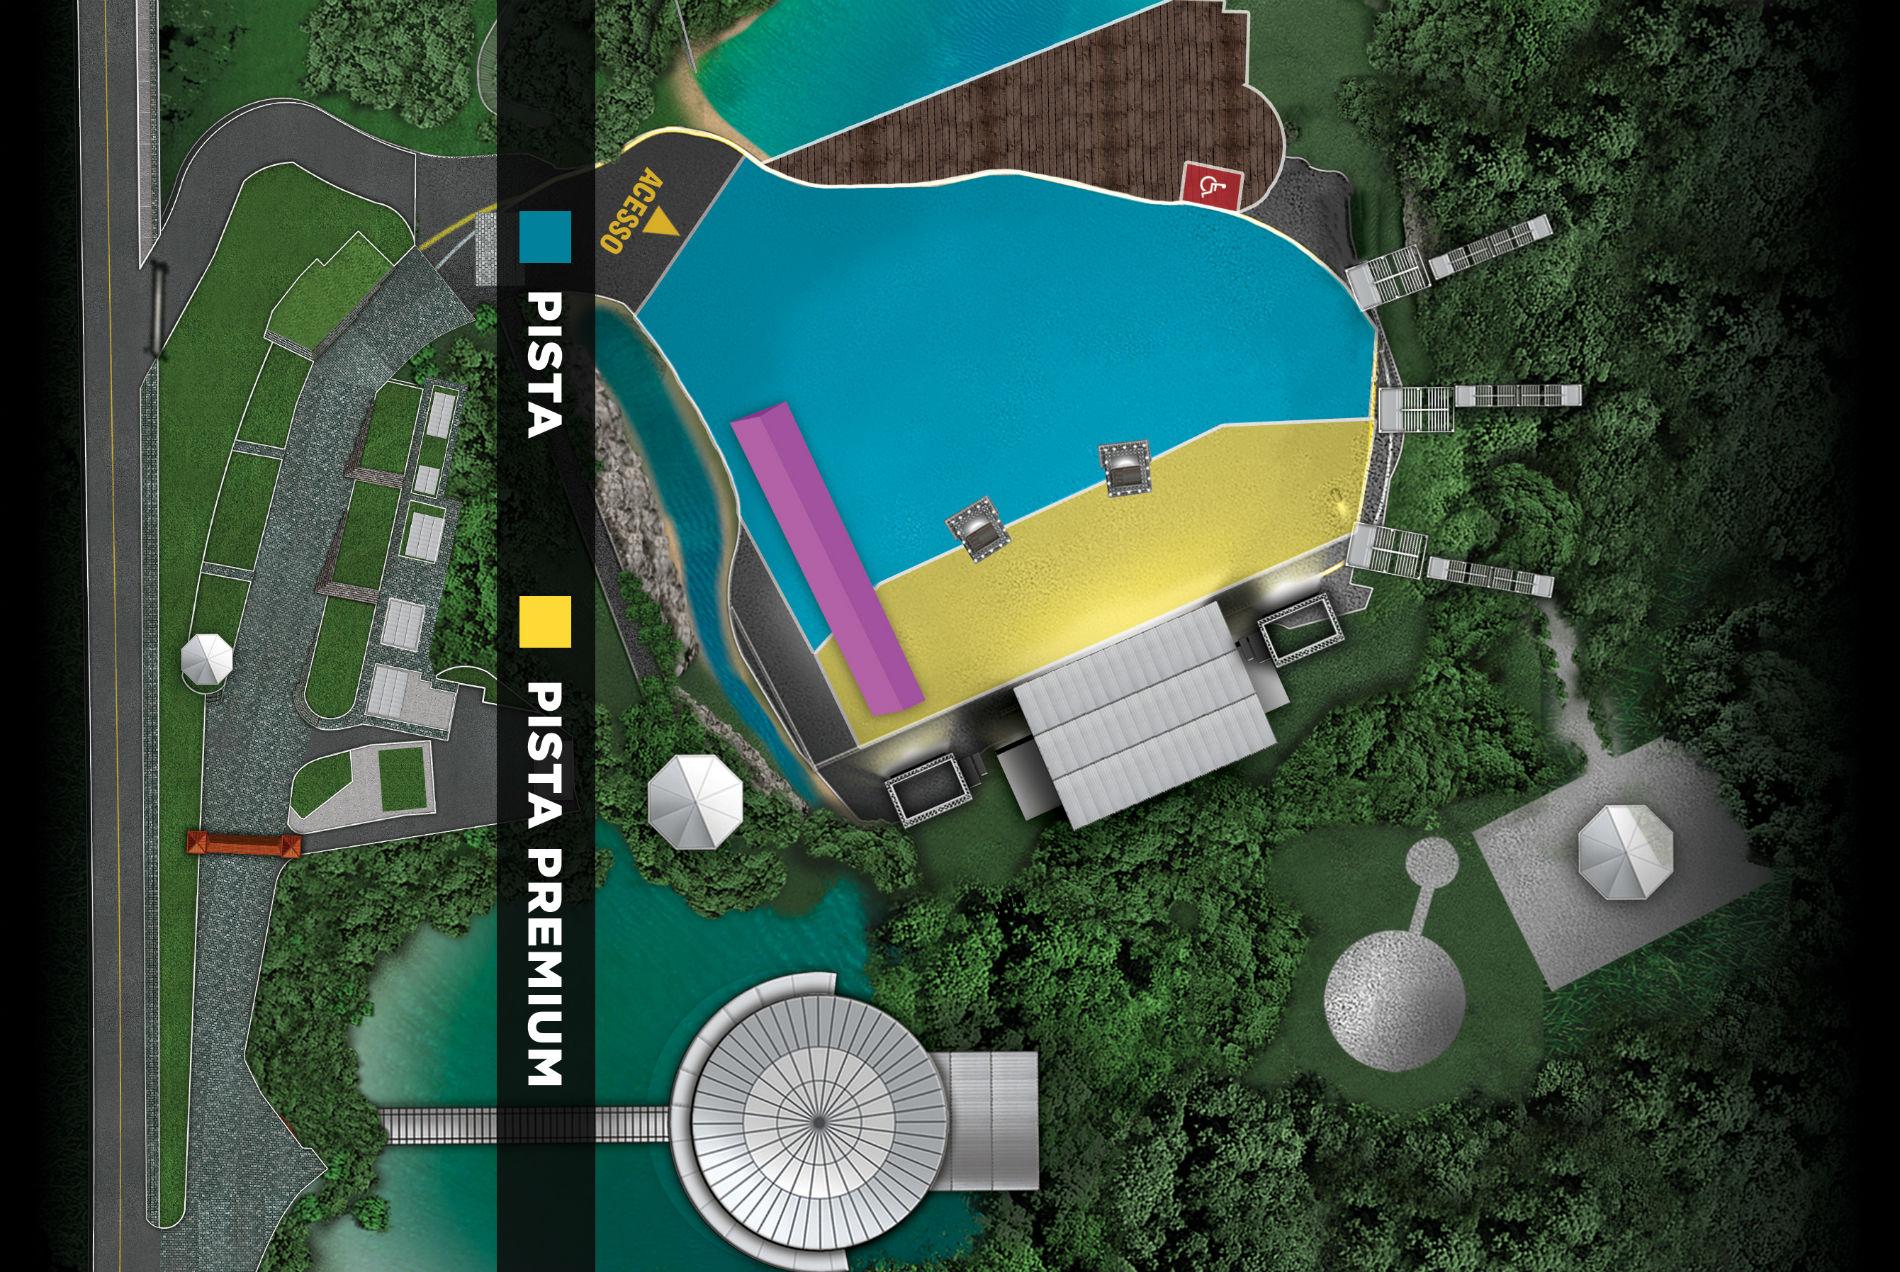 Vai ao show do Aerosmith? Veja o mapa de setores e saiba por onde entrar na Pedreira